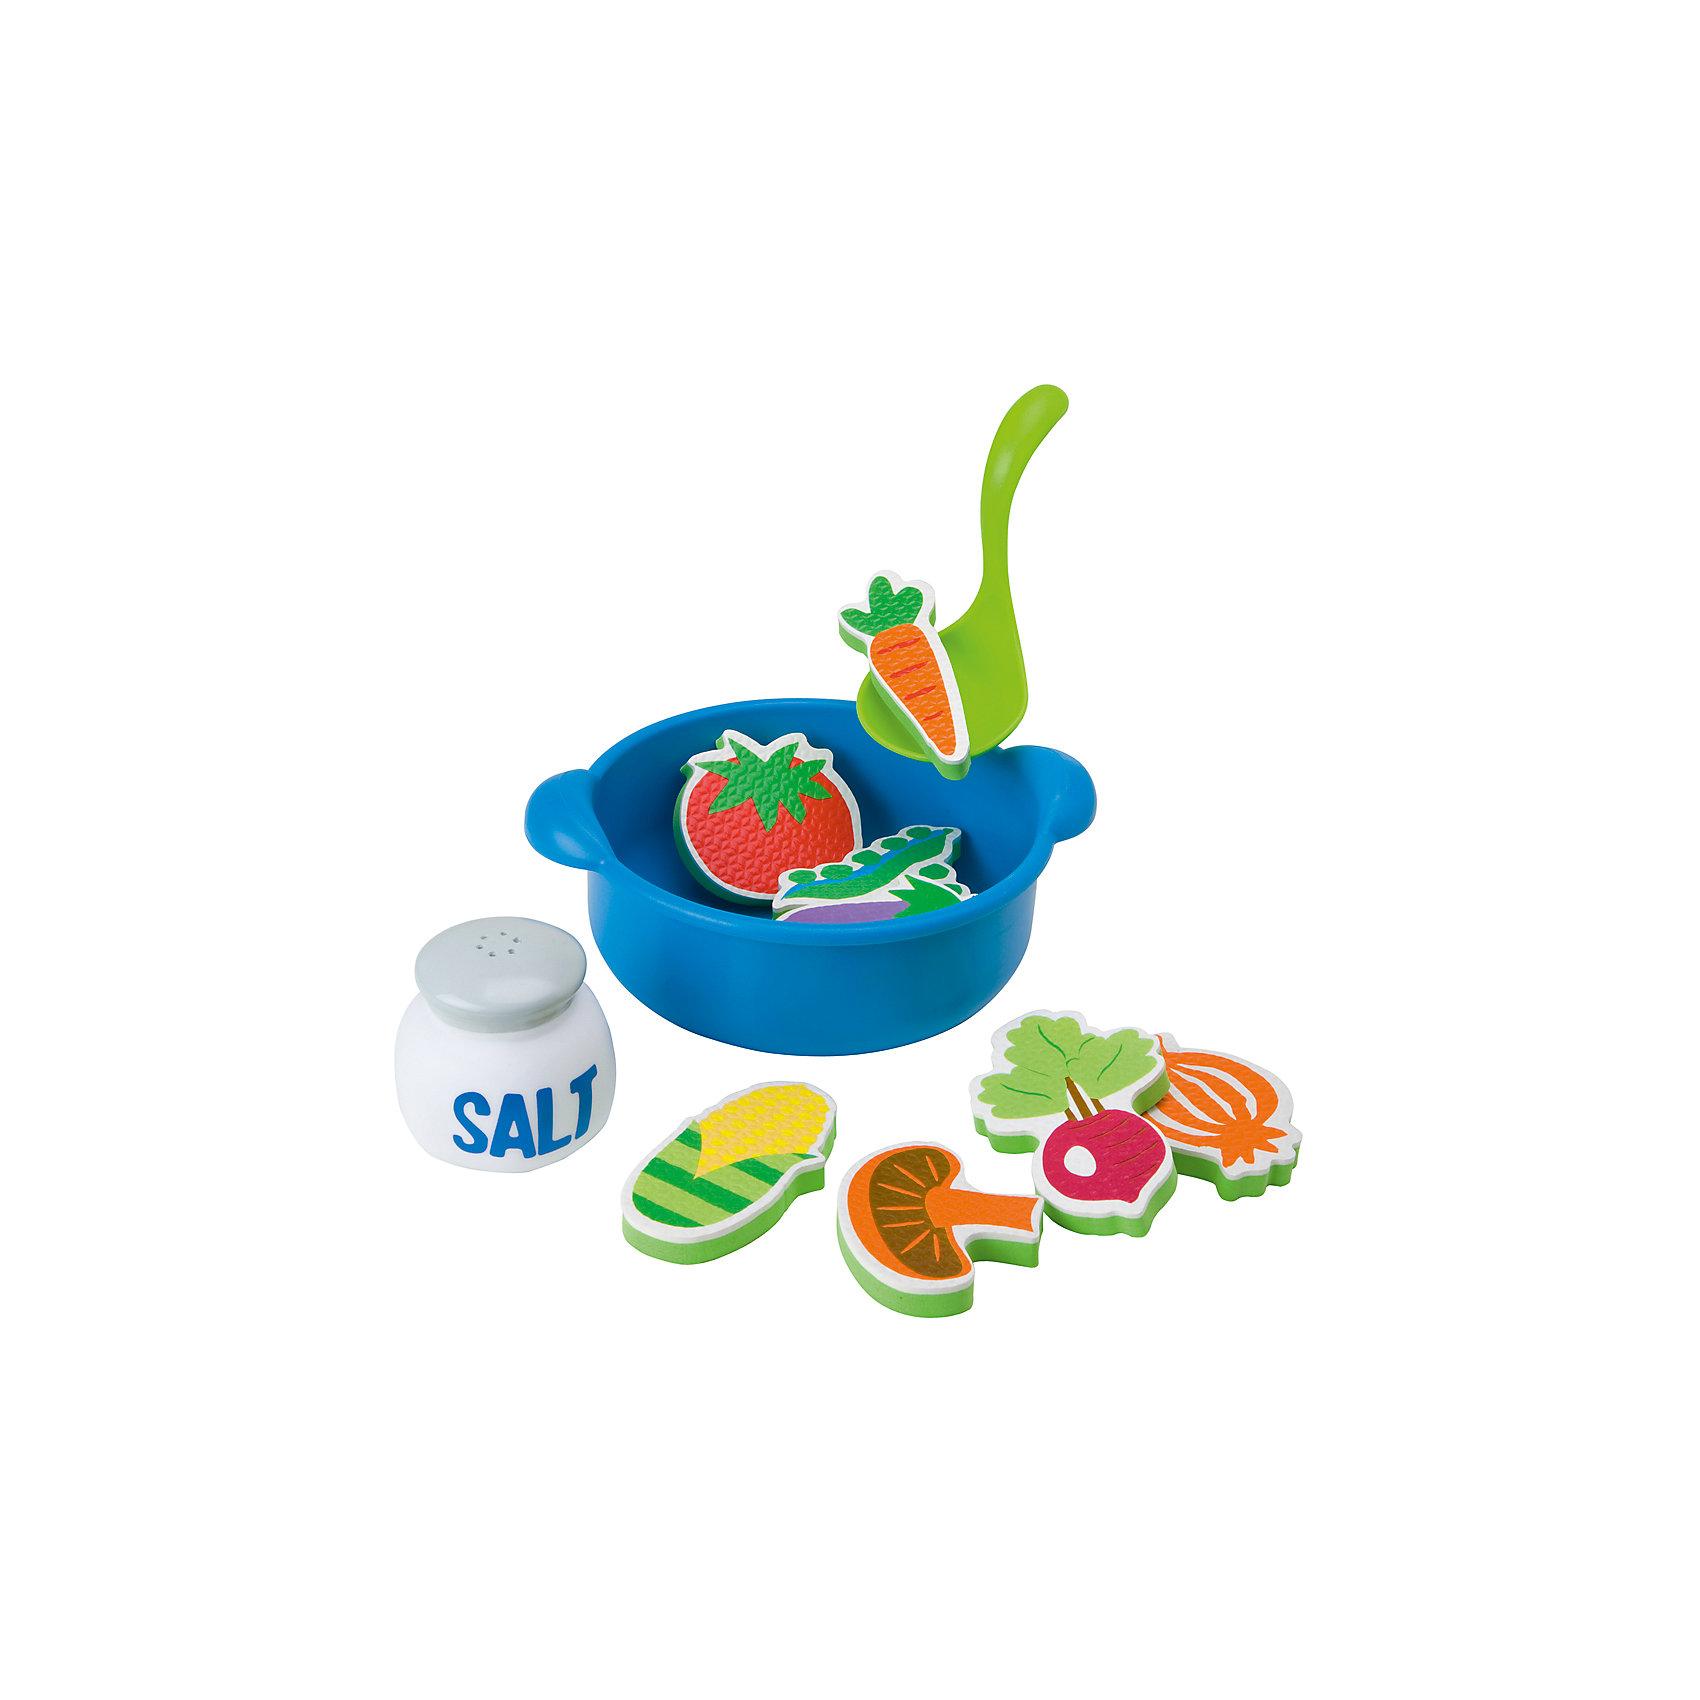 ALEX Набор для ванны Приготовь суп, 12 предметов, ALEX alex alex посуда игрушечная chasing butterflies ceramic tea set поймай бабочку 13 предметов